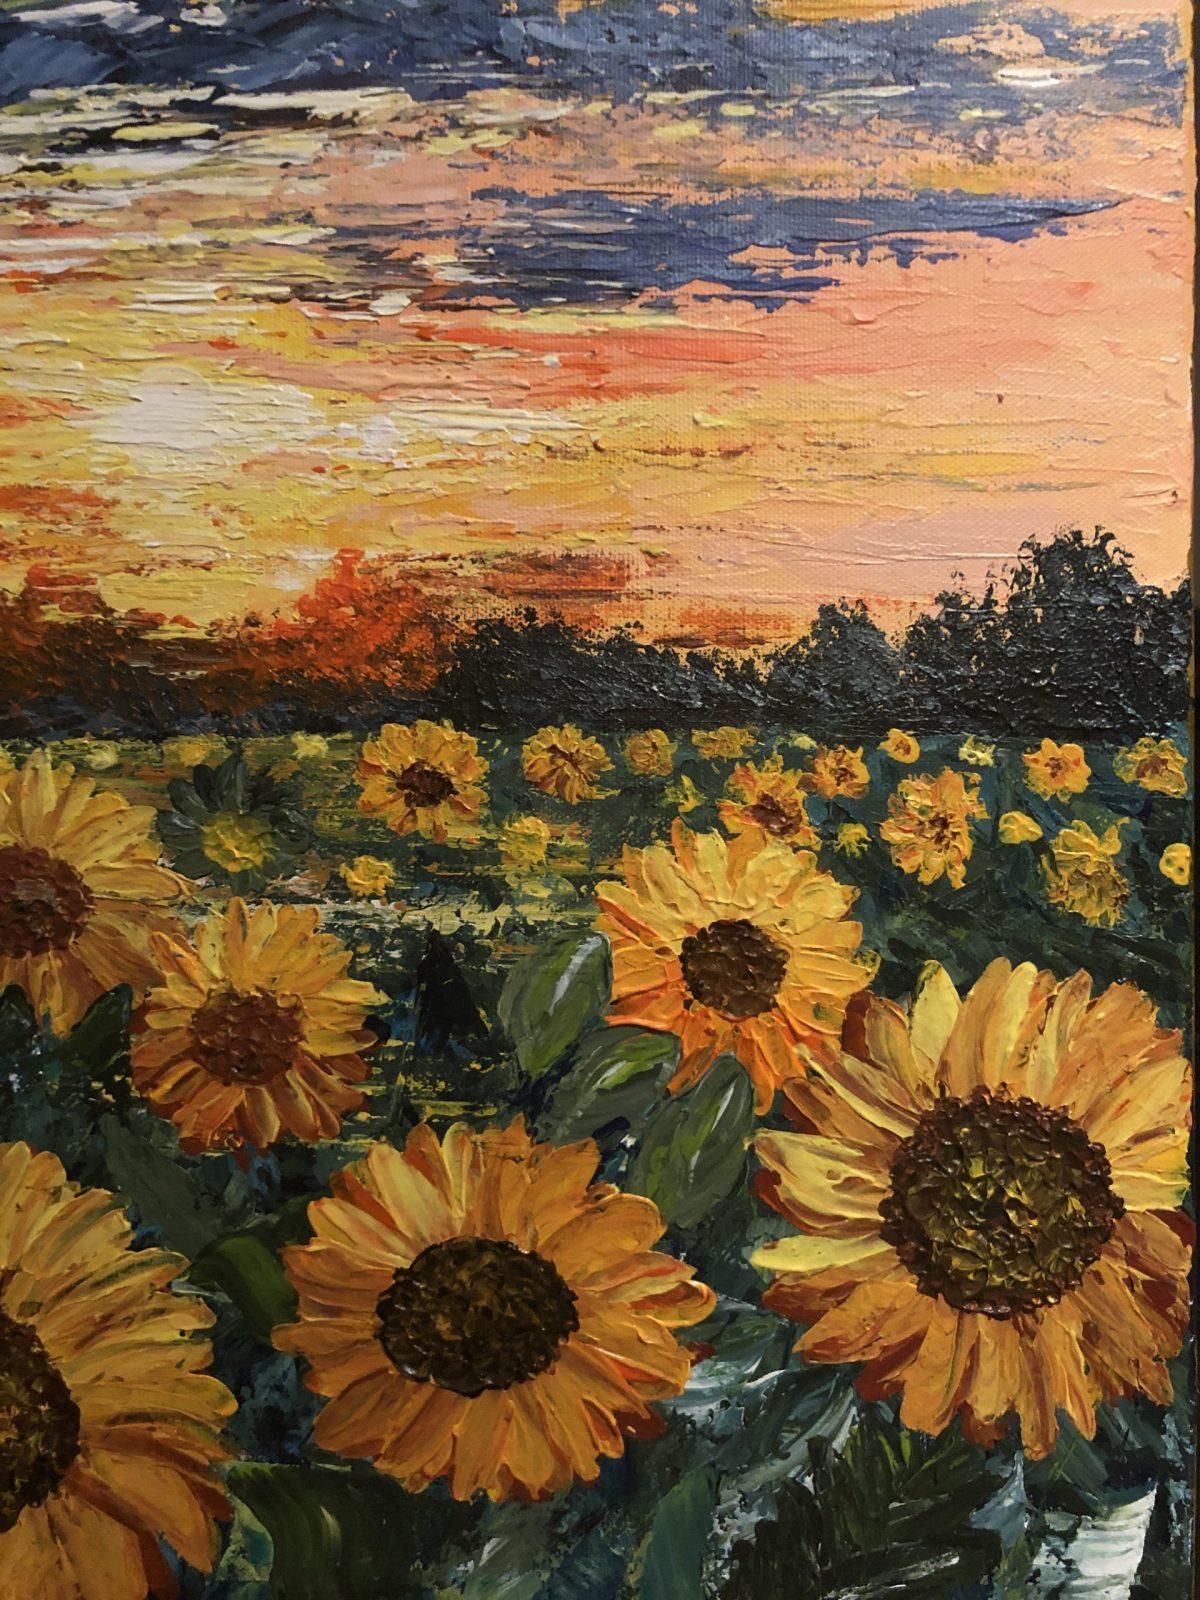 Sunflower Fields, gros plan sur les tournesols et le soleil couchant, texture fait au couteau à palette